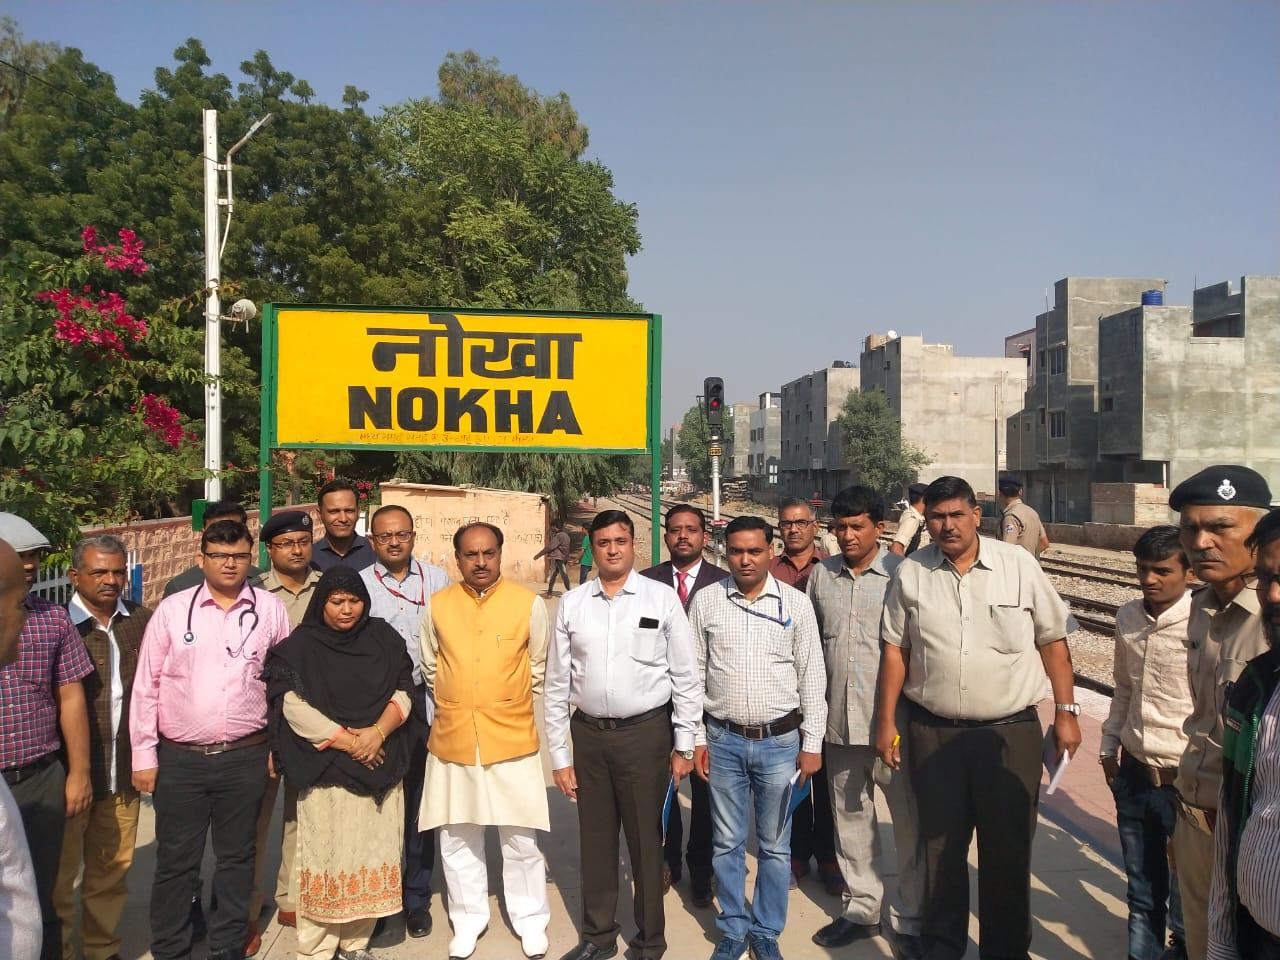 रेलवे पैसेंजर सर्विस कमेटी ने जोधपुर रेल मंडल की  यात्री सुविधाओं पर प्रसन्नता व्यक्त की।